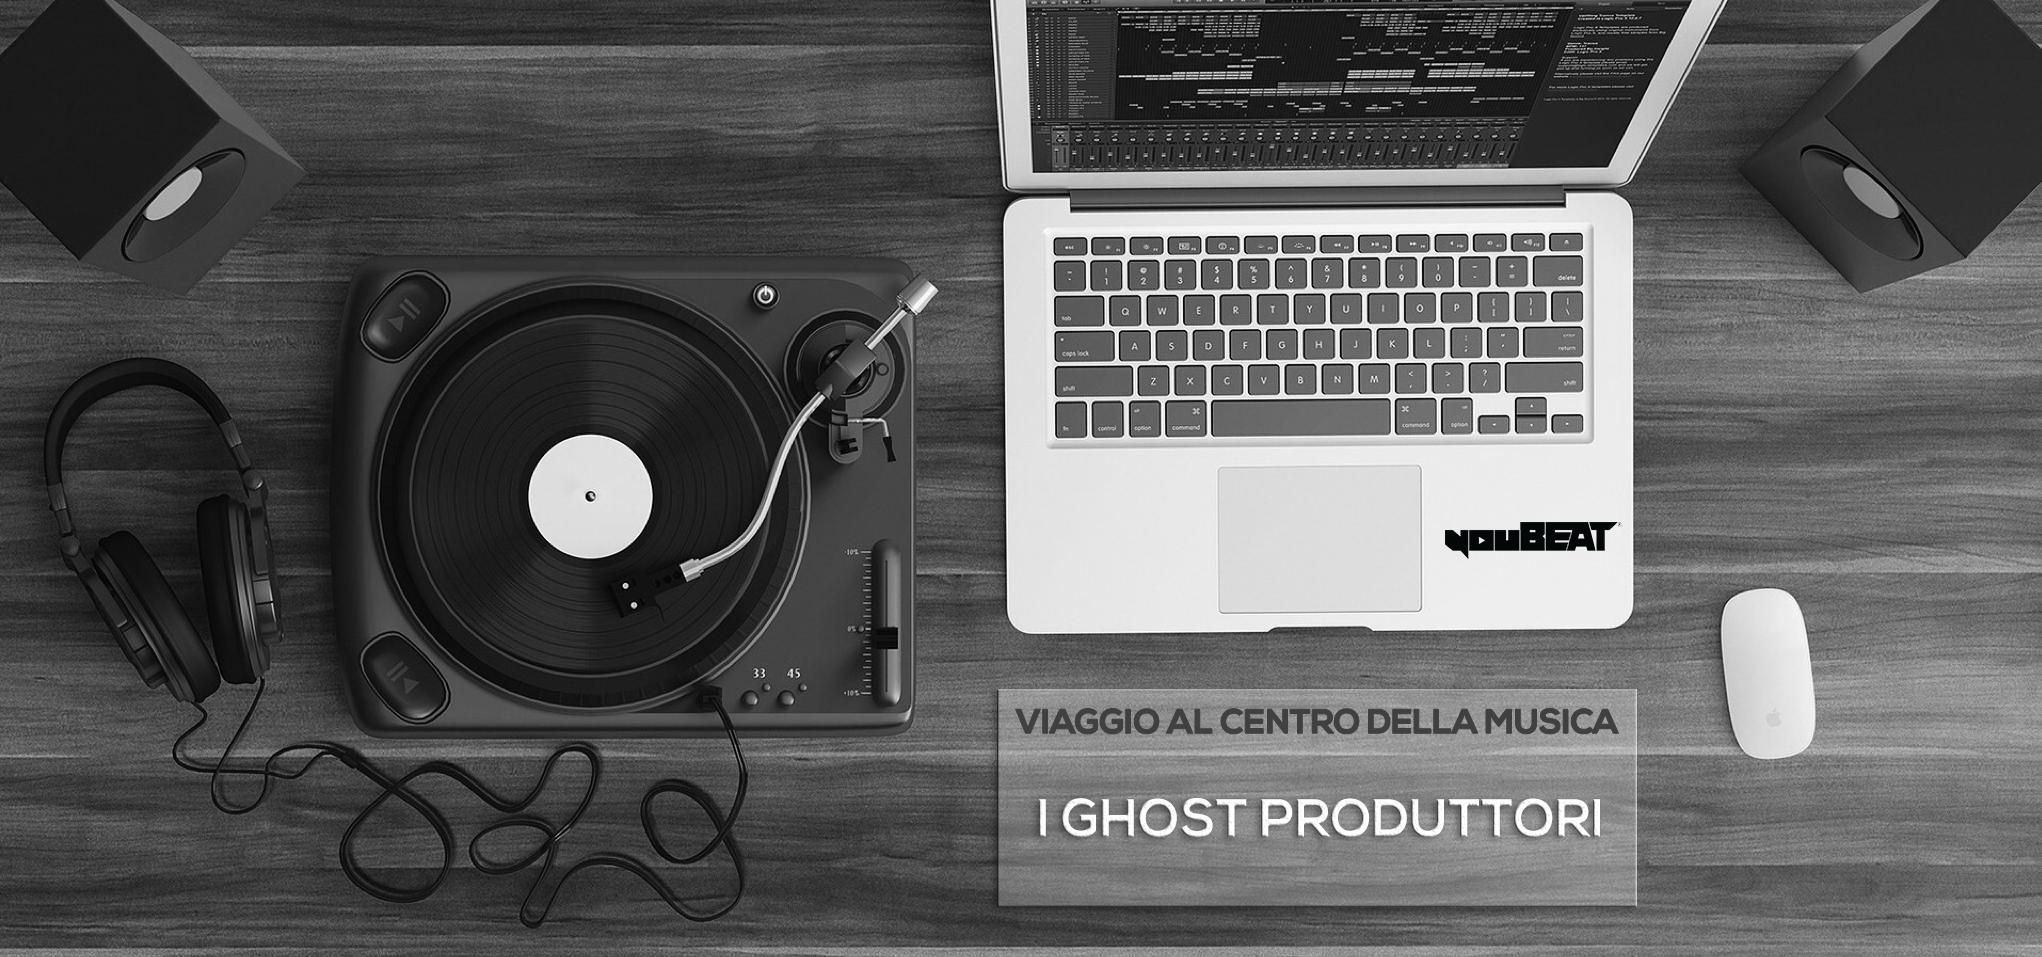 Viaggio al centro della Musica - I Ghost Produttori